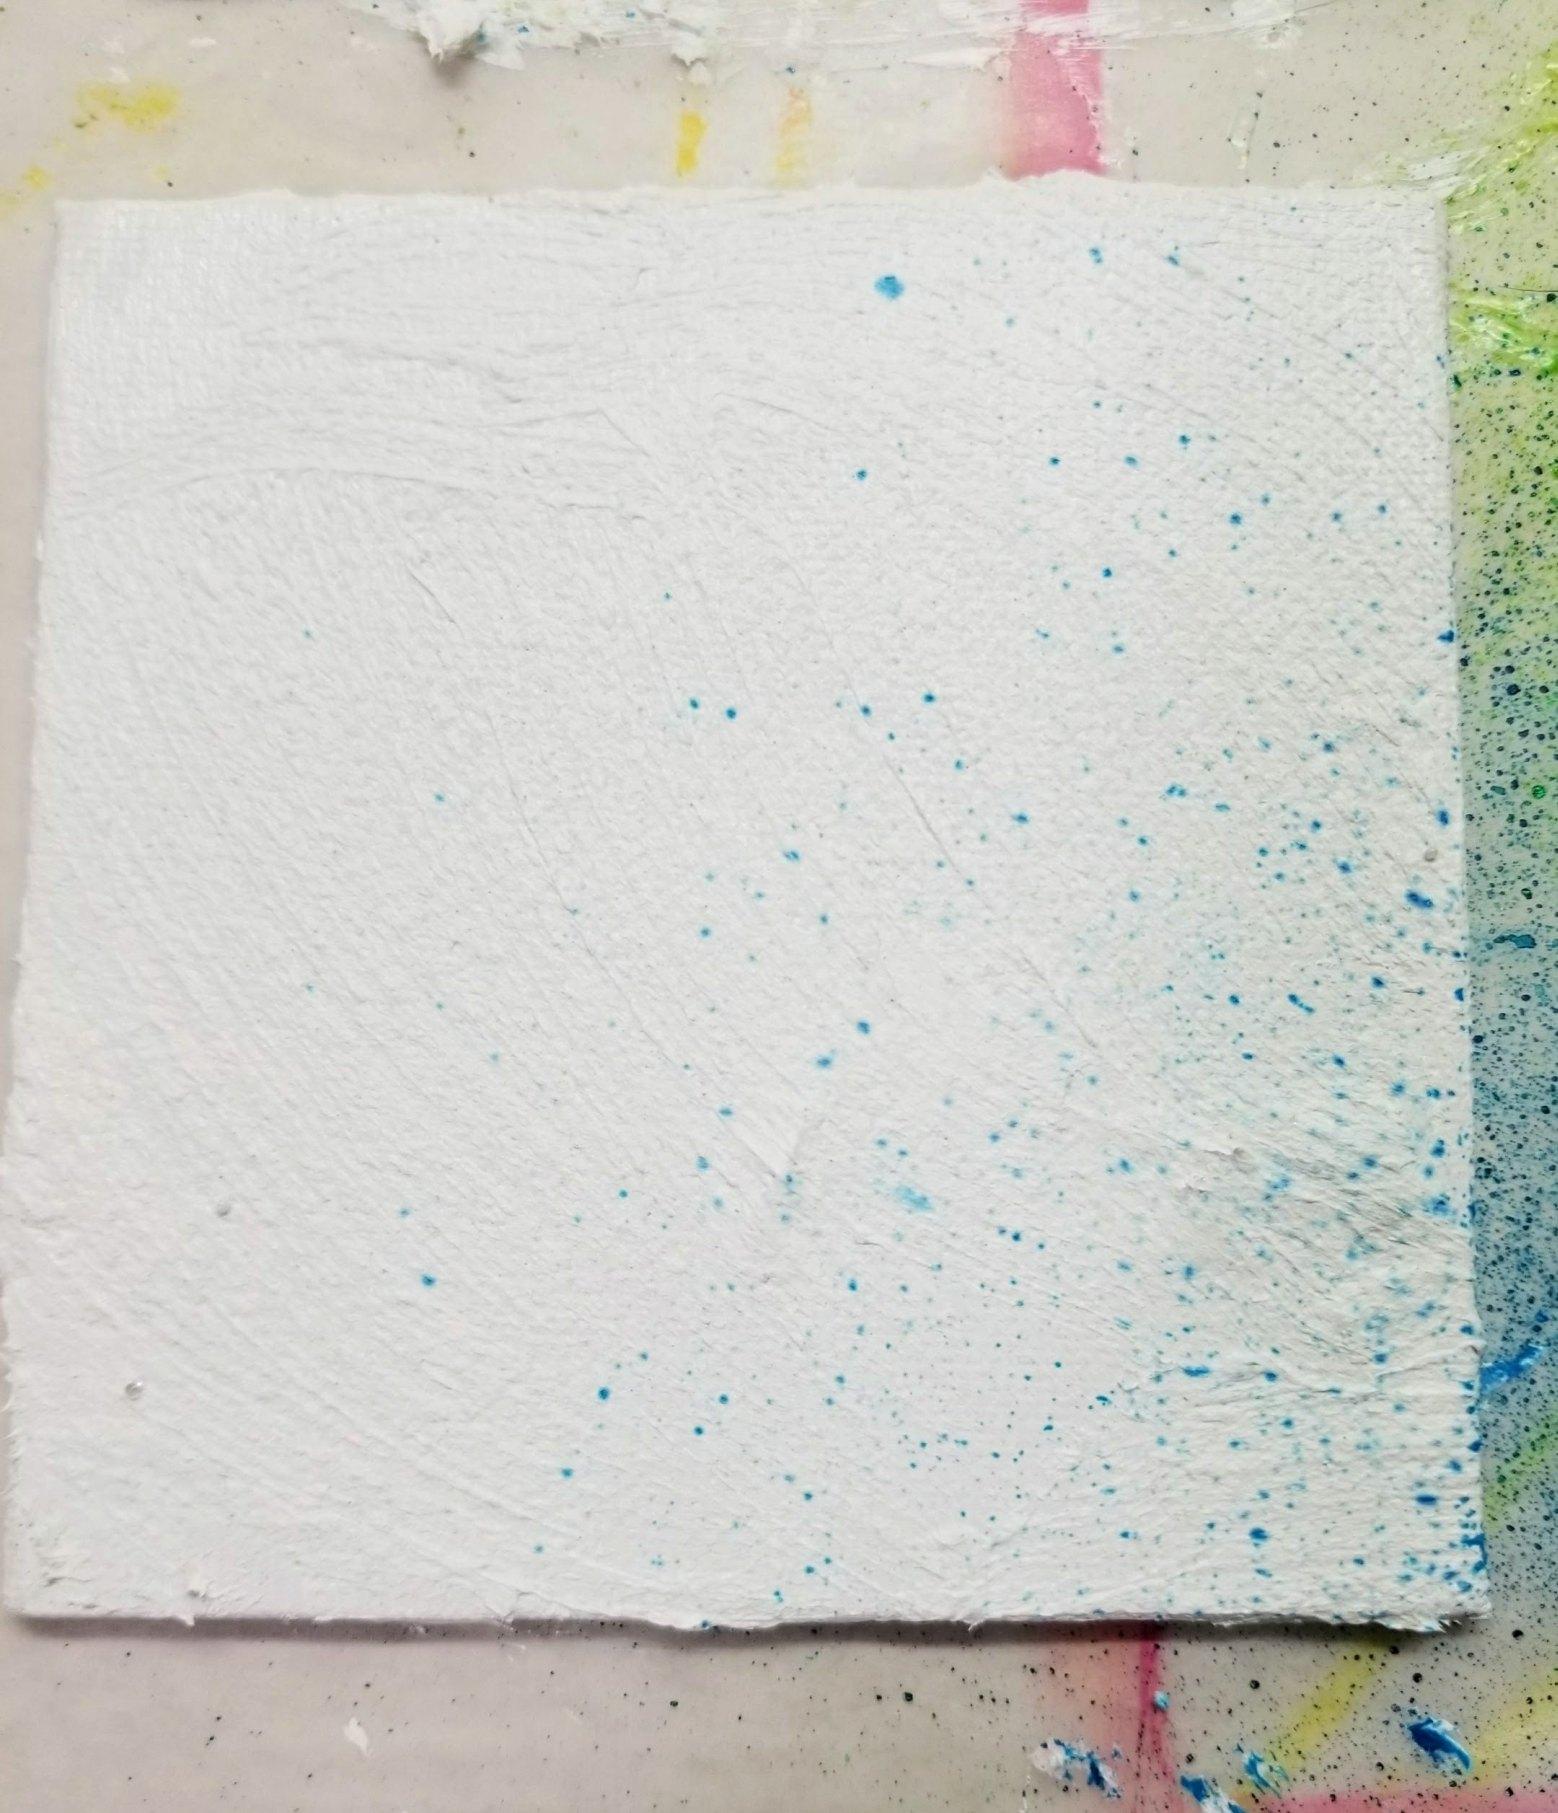 03. fiber paste